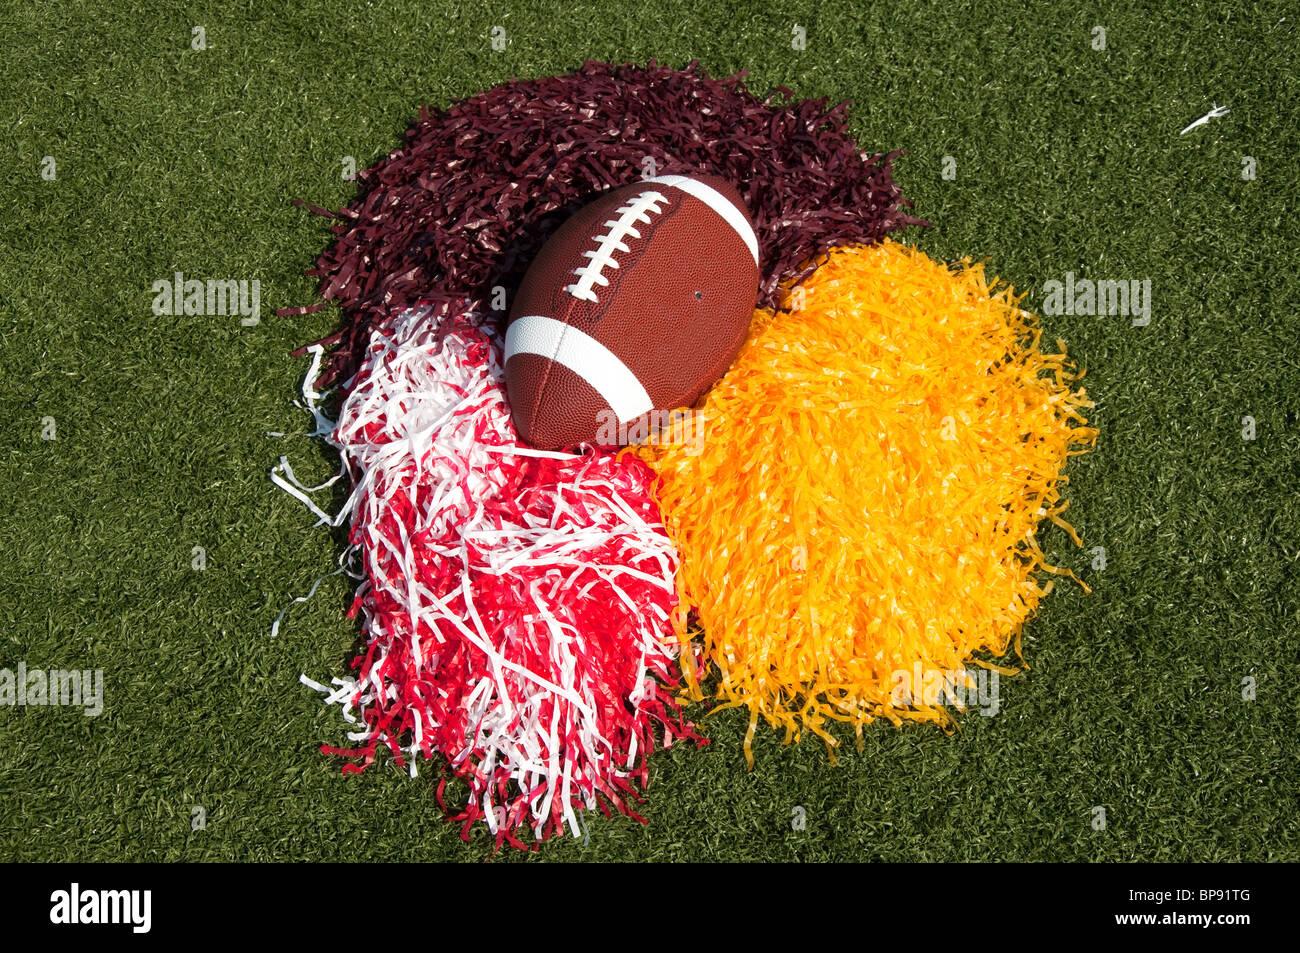 Football américain et pompons sur terrain. Photo Stock